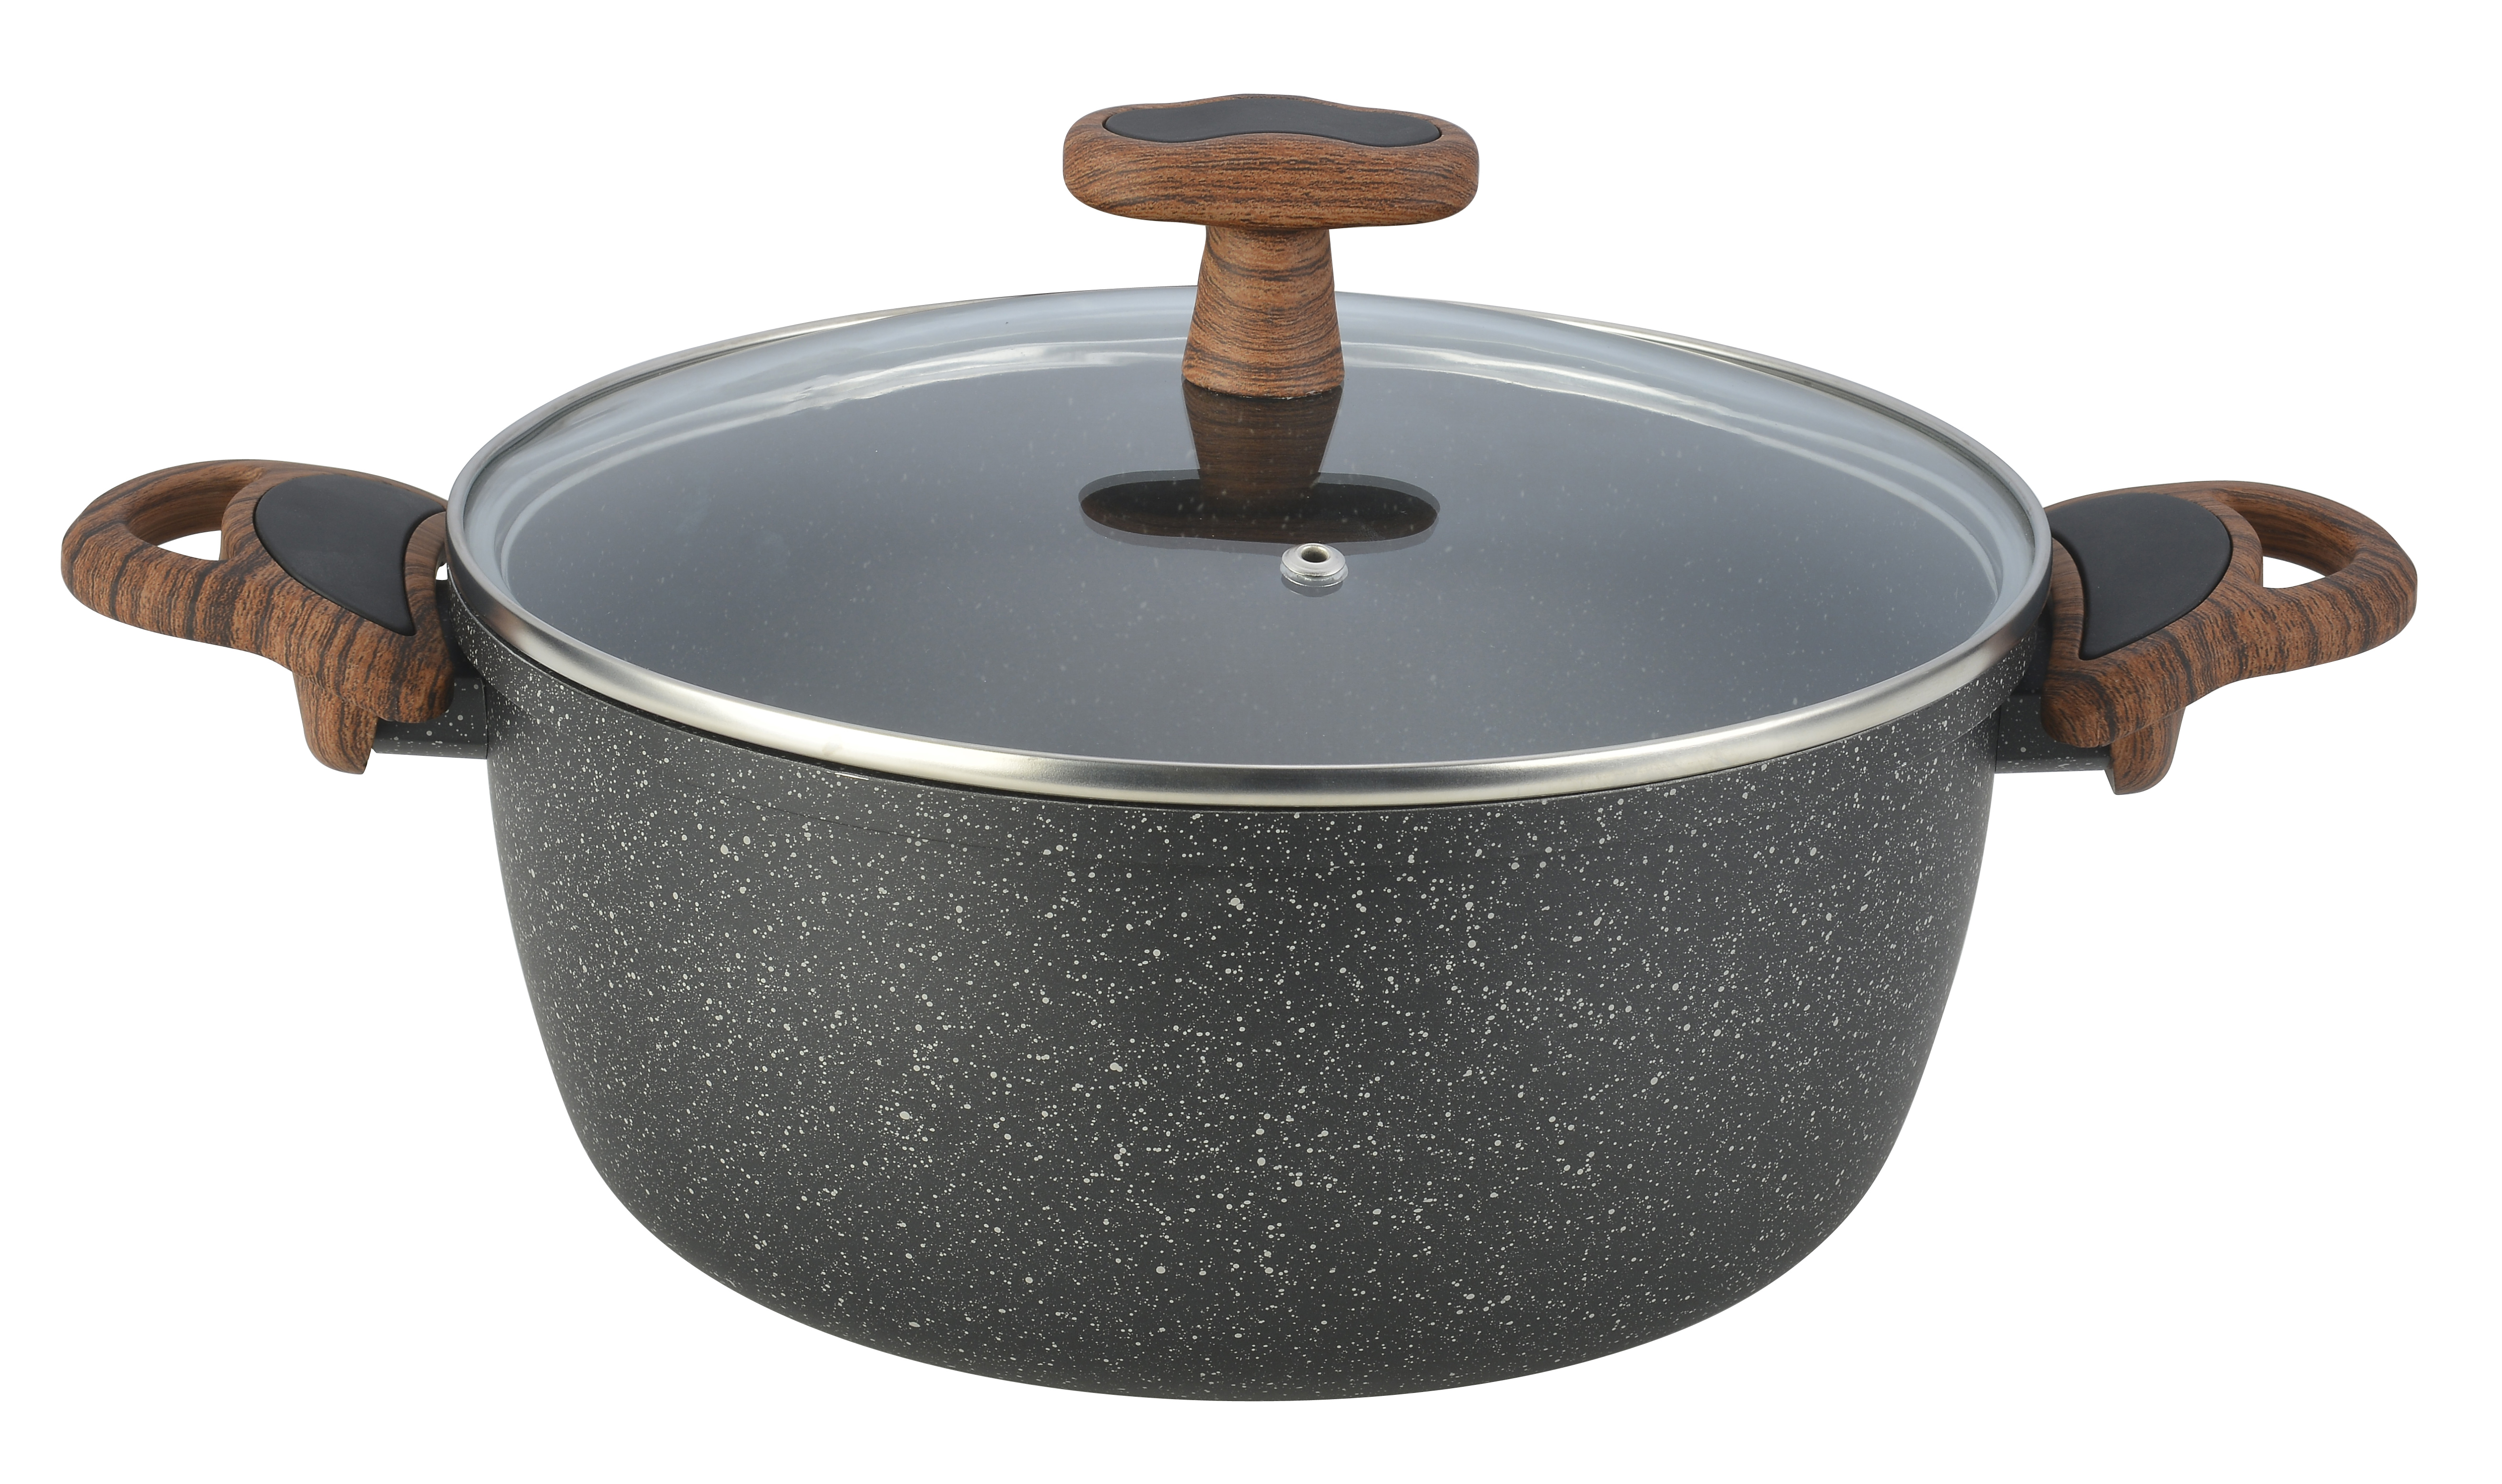 herzberg-hg-6017-batterie-de-cuisine-en-revetement-marbr-3